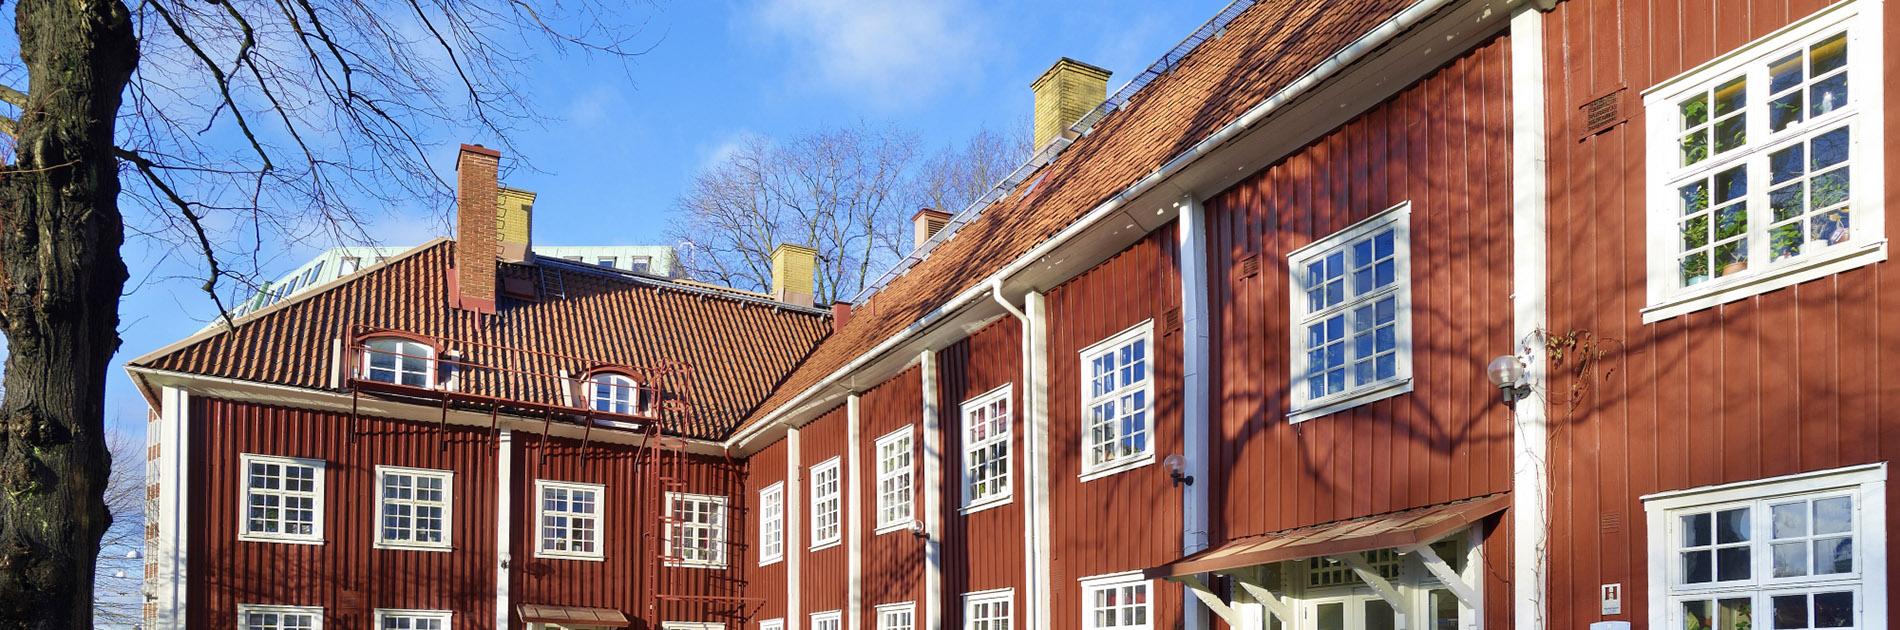 Den röda träfasaden och de vita fönstren på Mariagården.